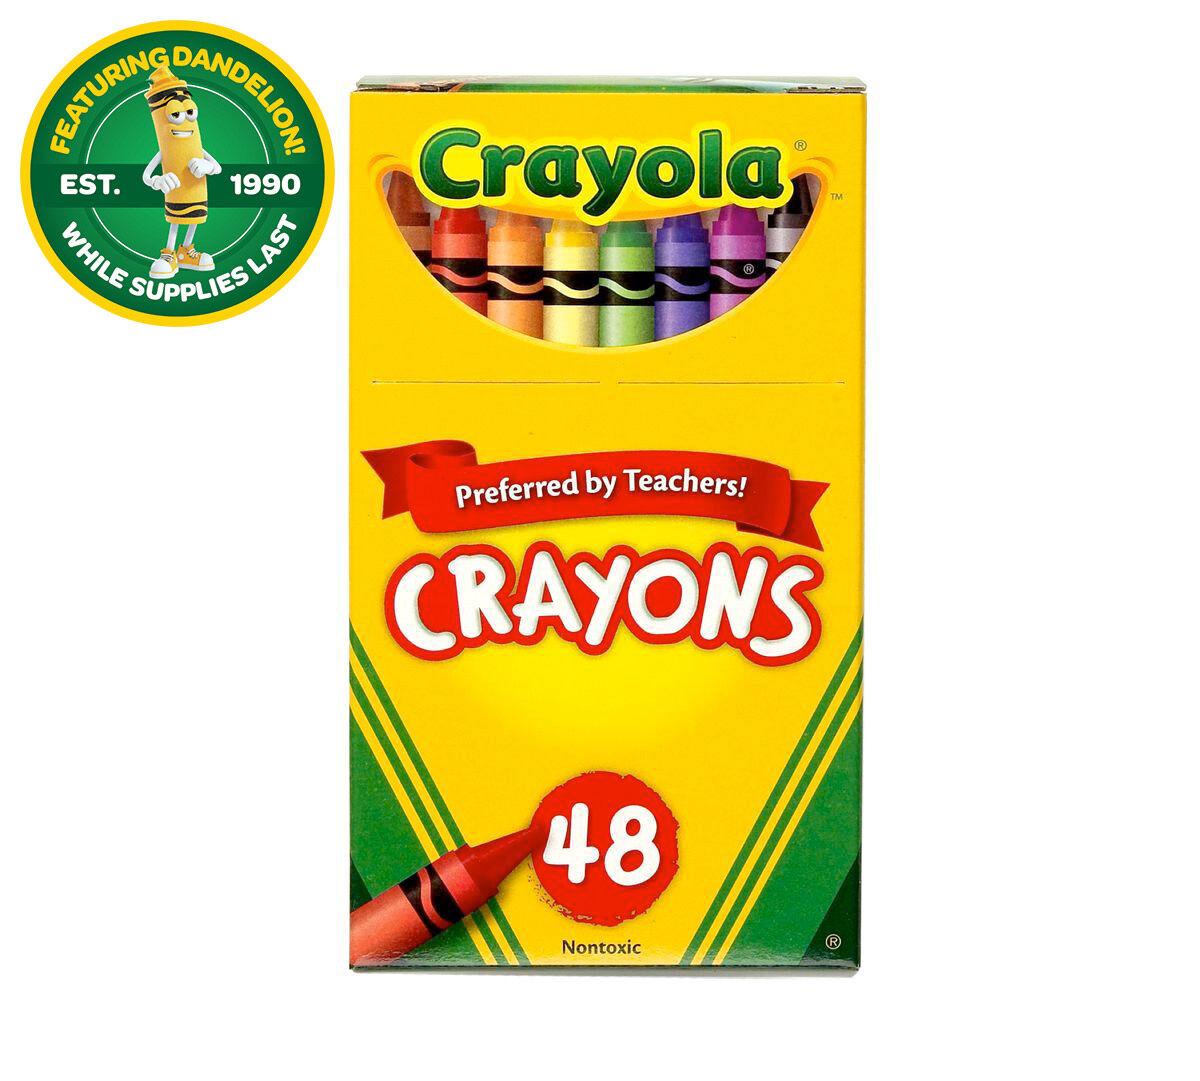 Crayola Crayons 48 ct.